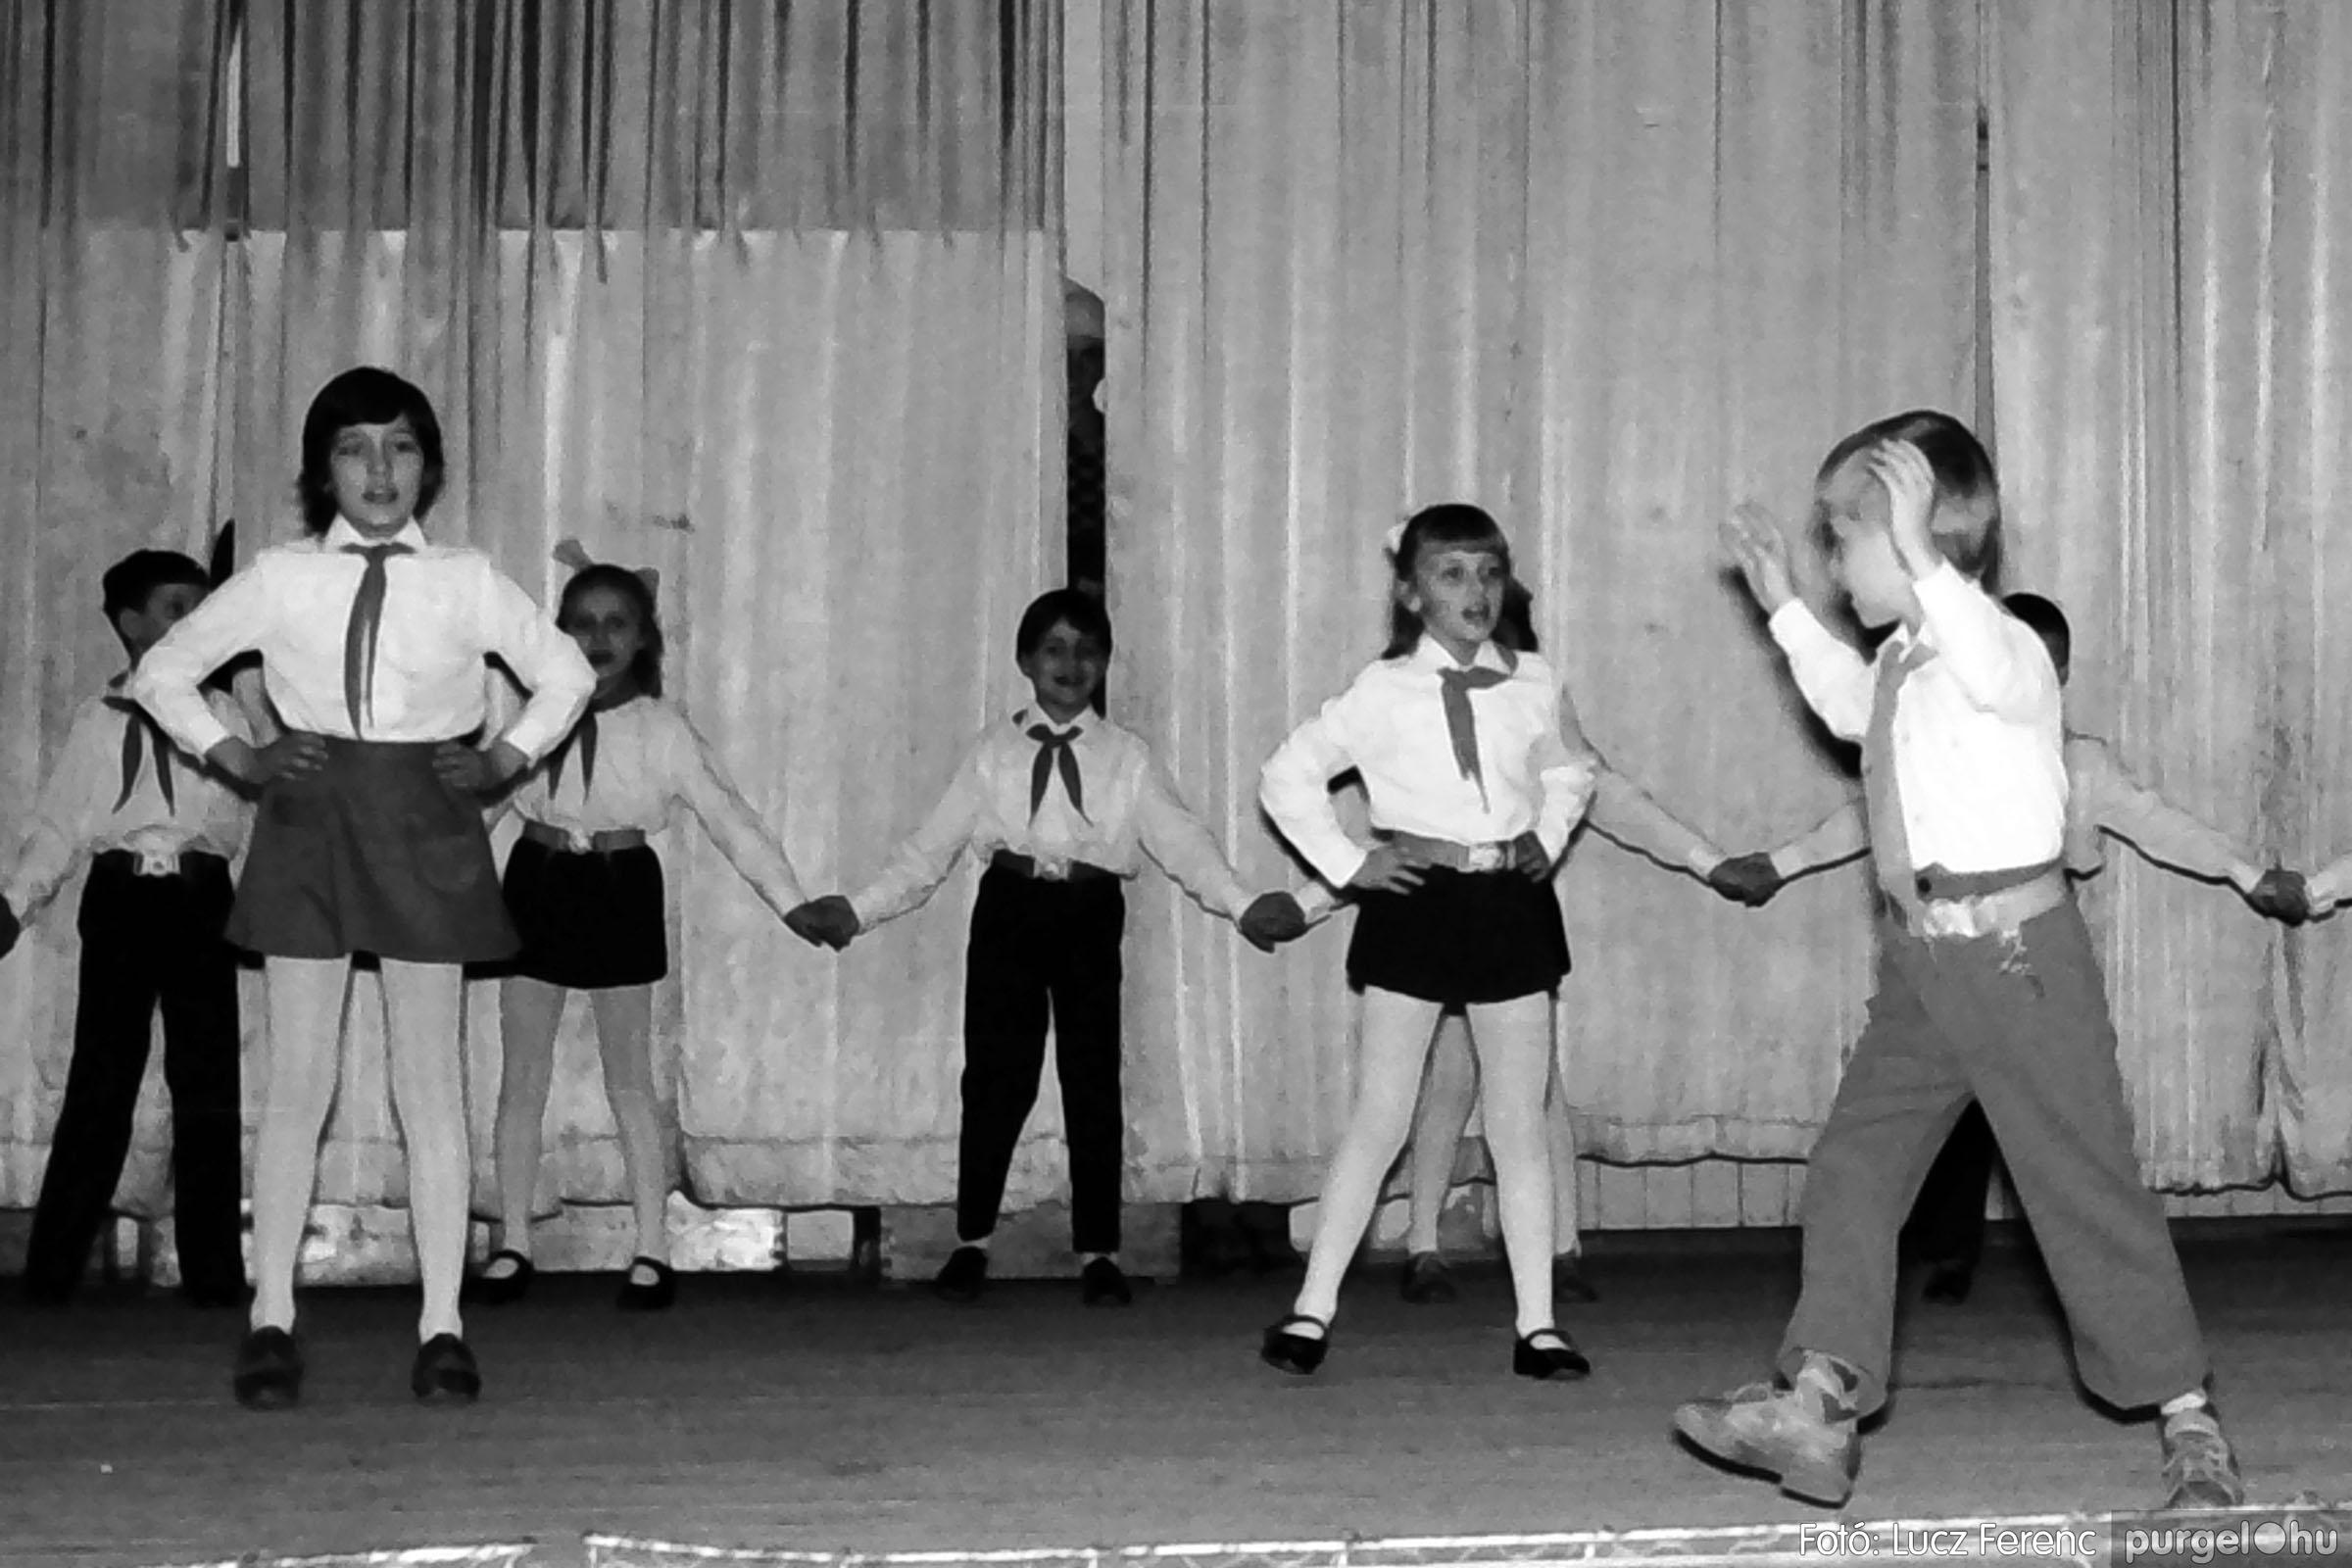 033. 1976. Diákrendezvény a kultúrházban 005 - Fotó: Lucz Ferenc.jpg